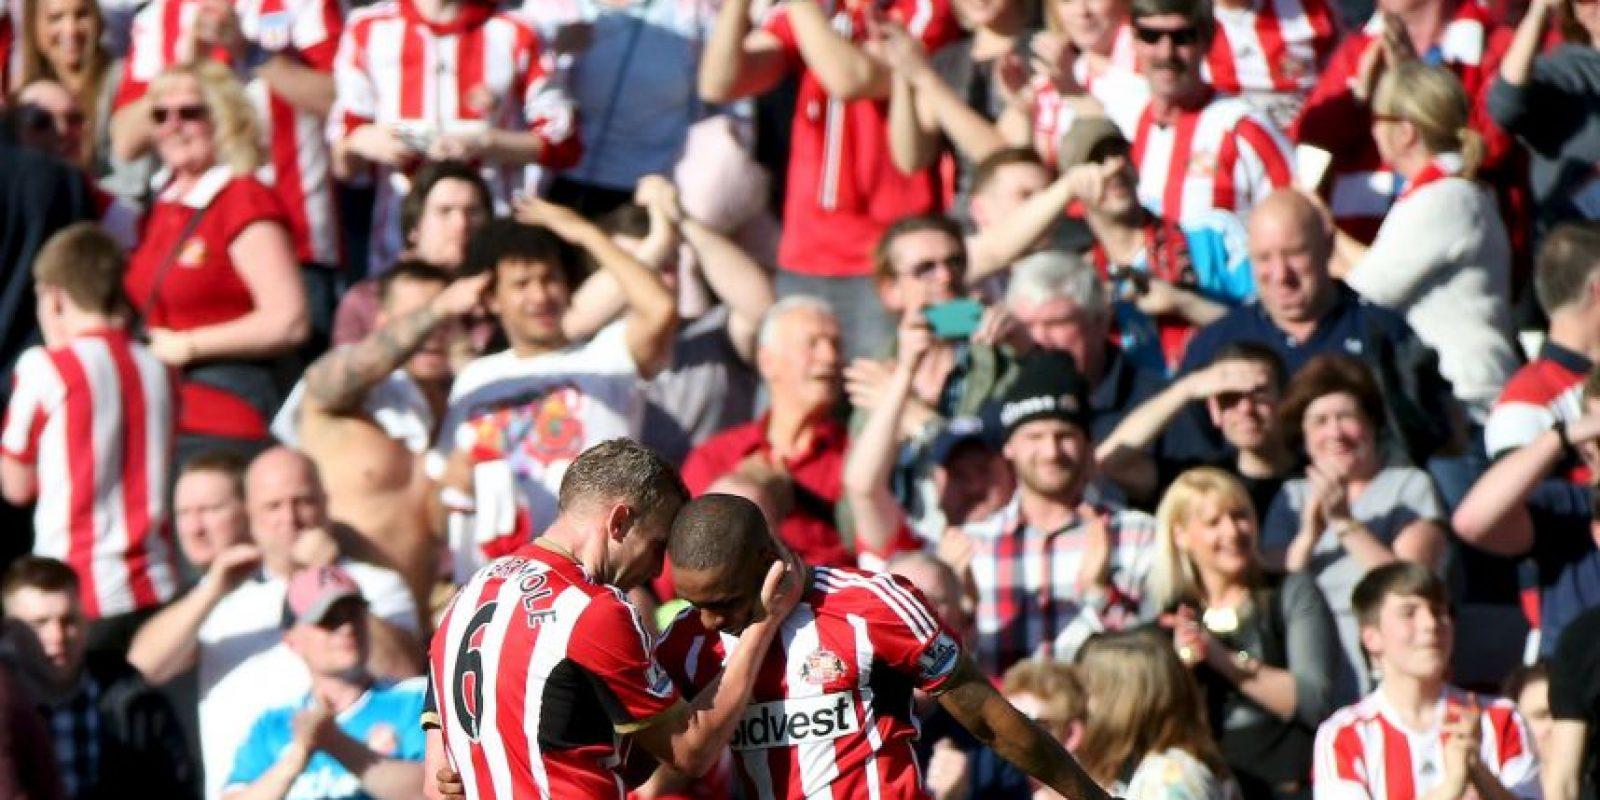 El gol lo marcó en un partido importante para ambos equipos, por la gran rivalidad que existe entre ellos. Foto:AP